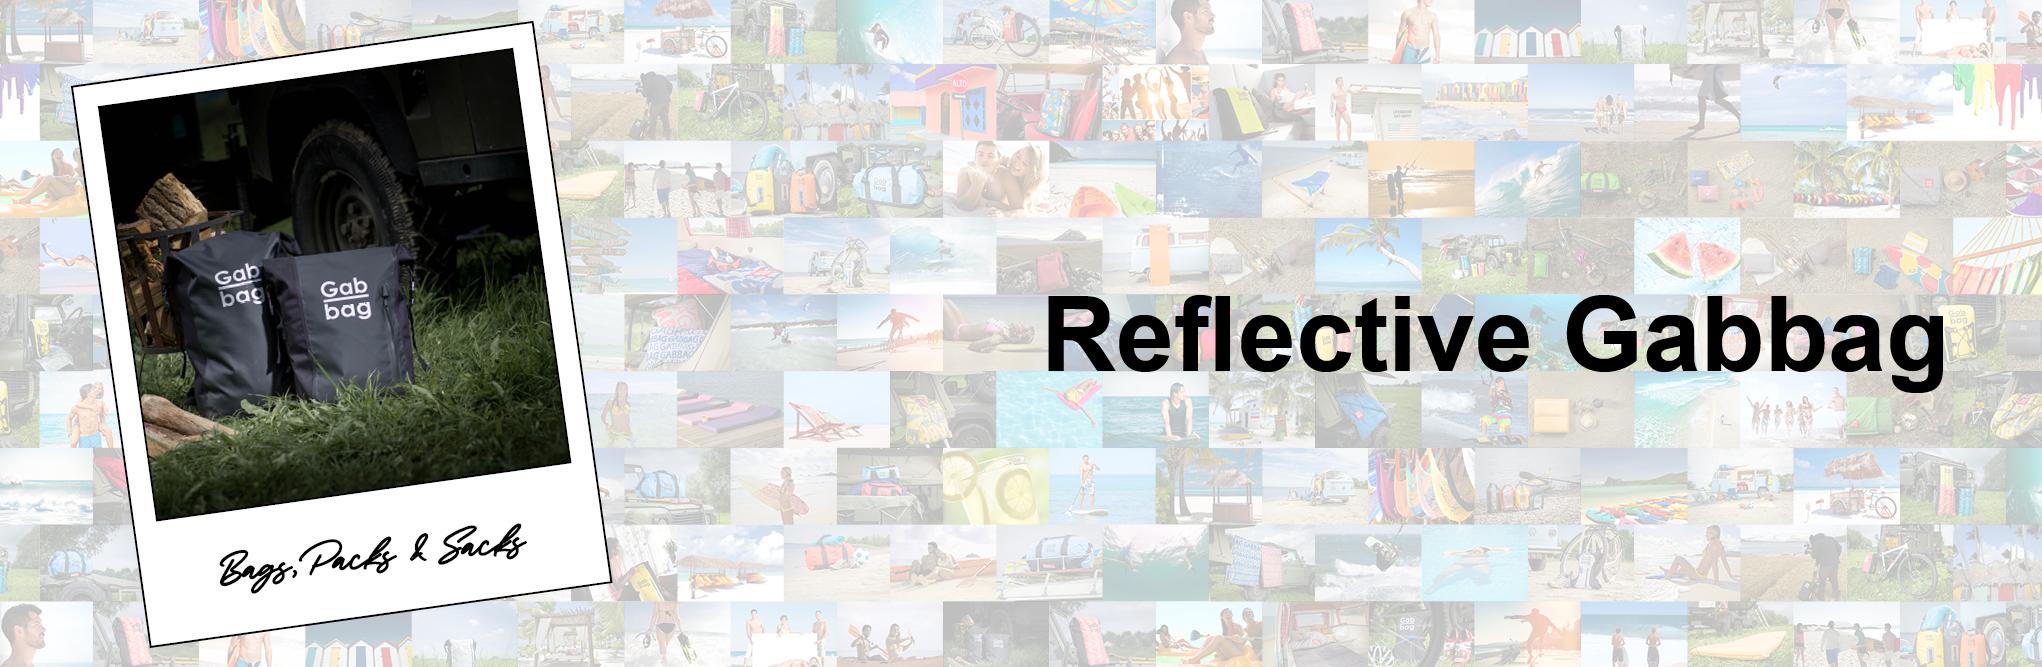 Reflective Gabbag